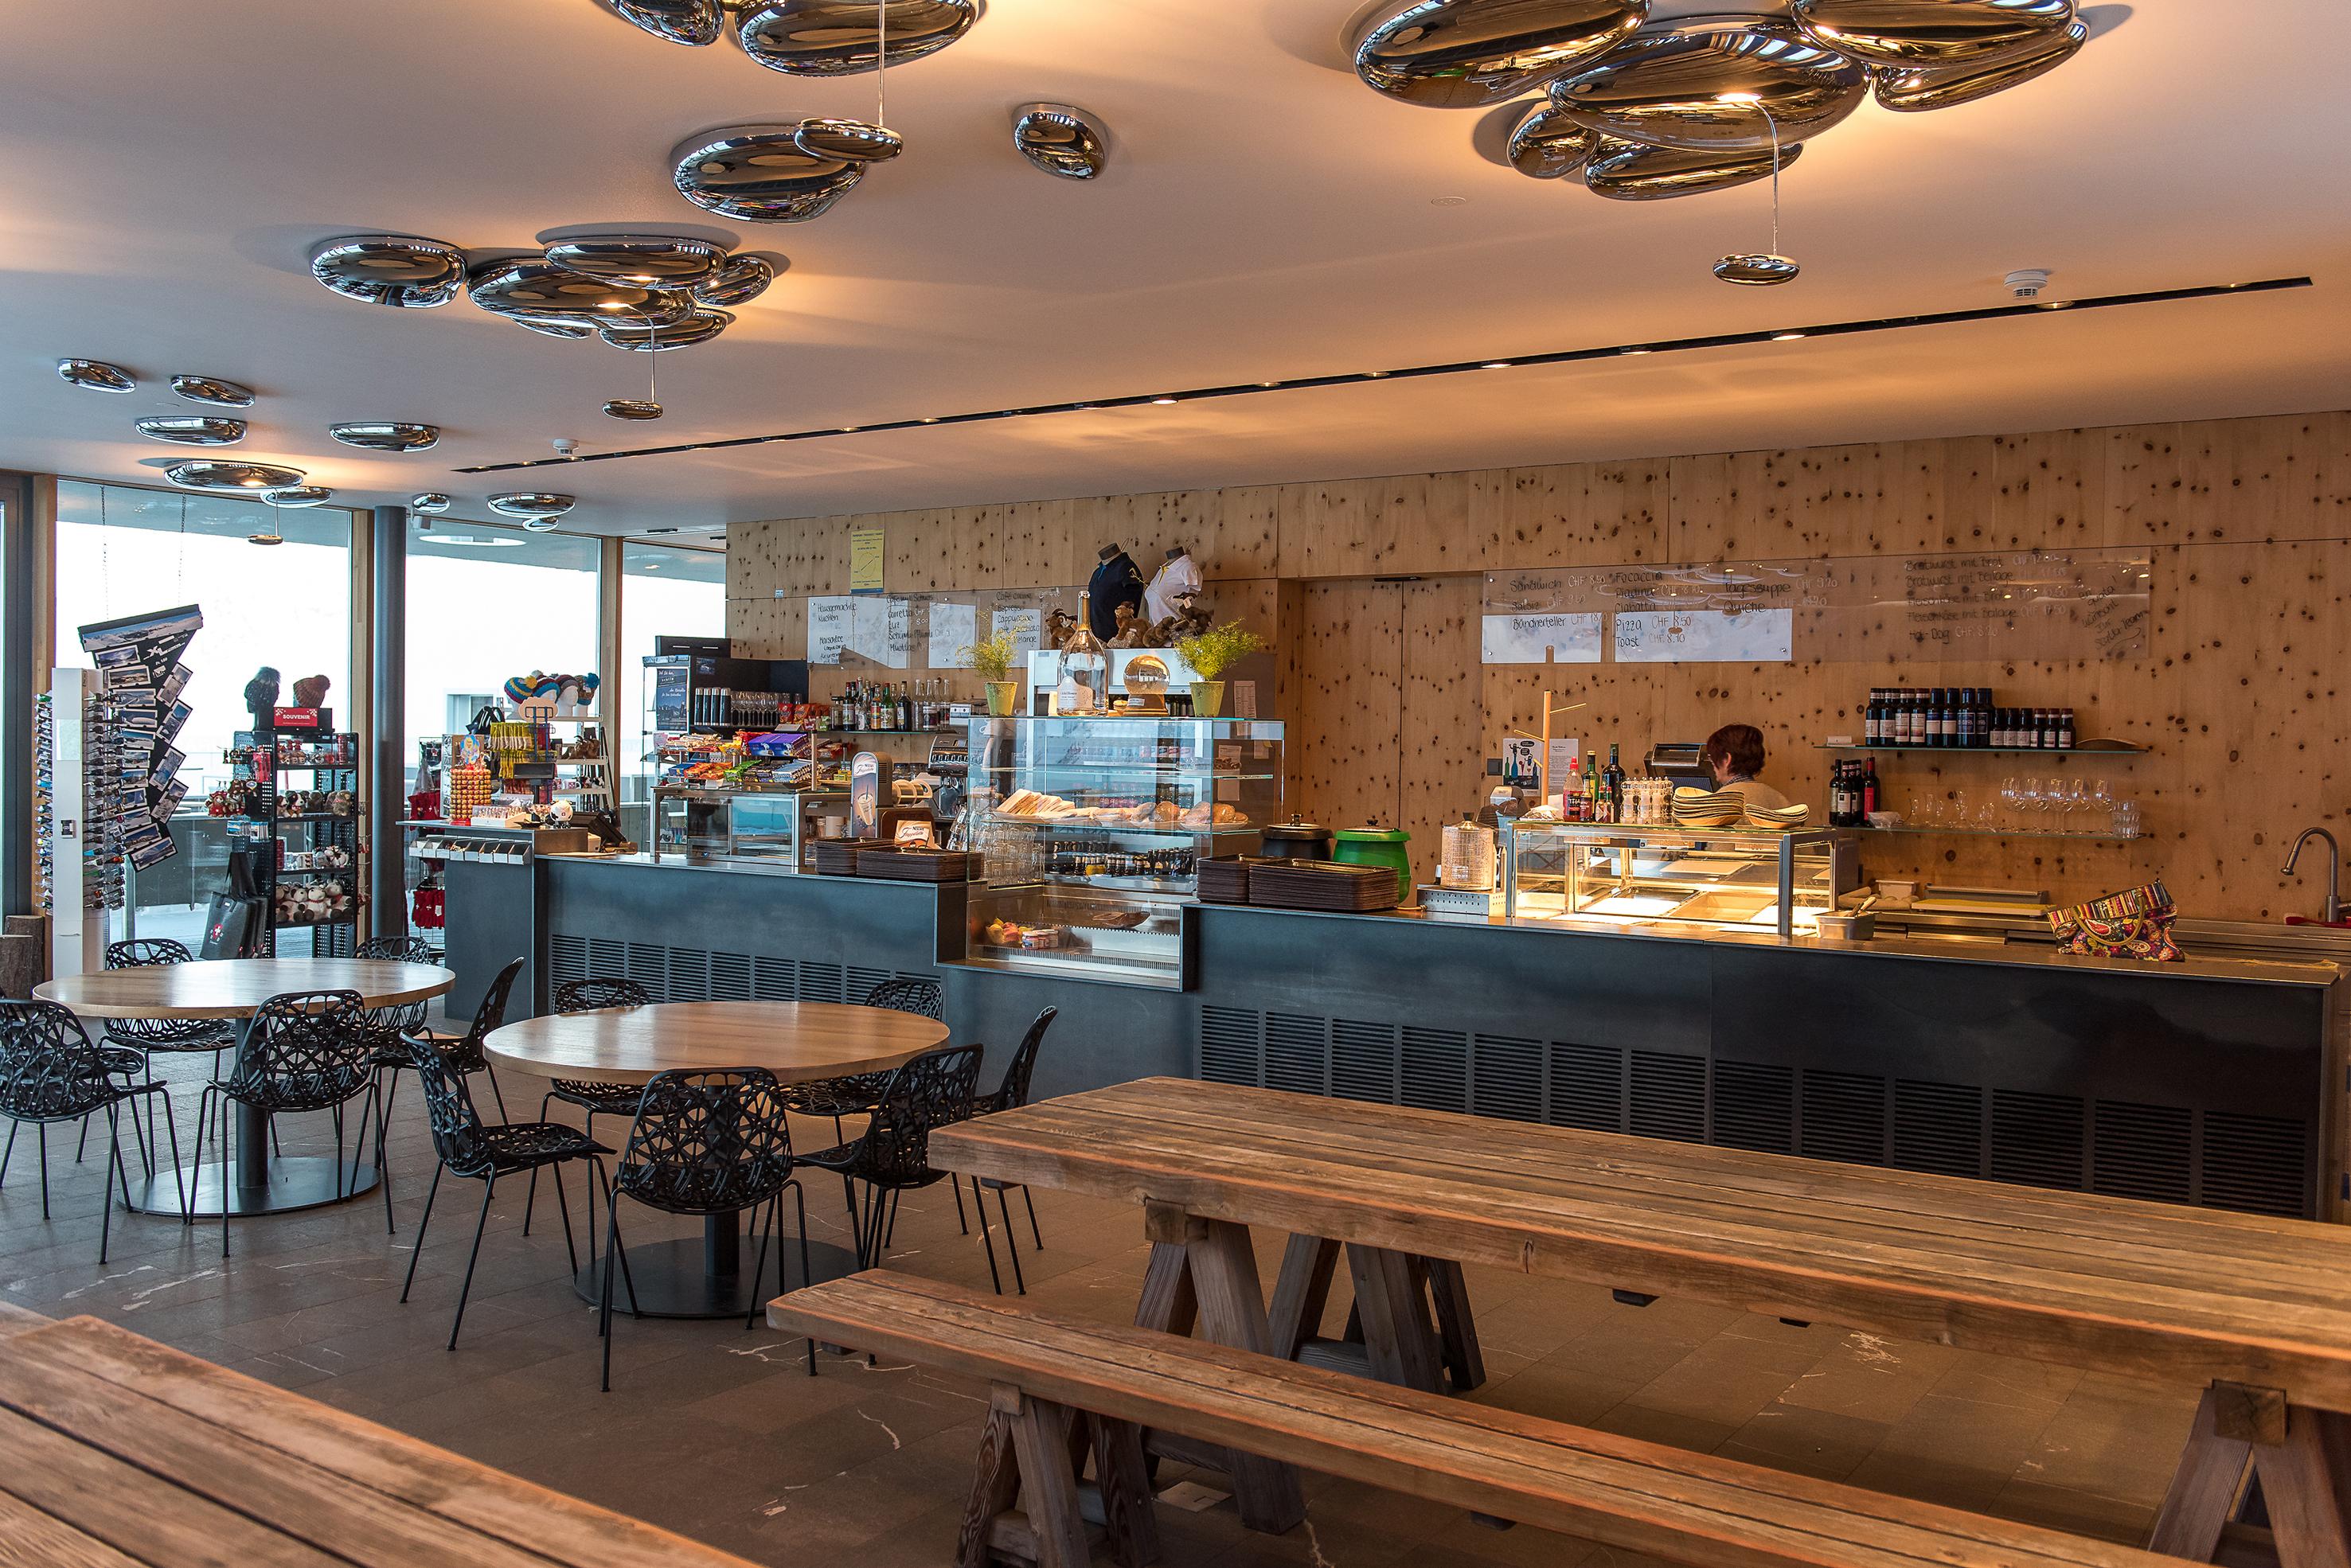 Restaurant Scatla Slide 4